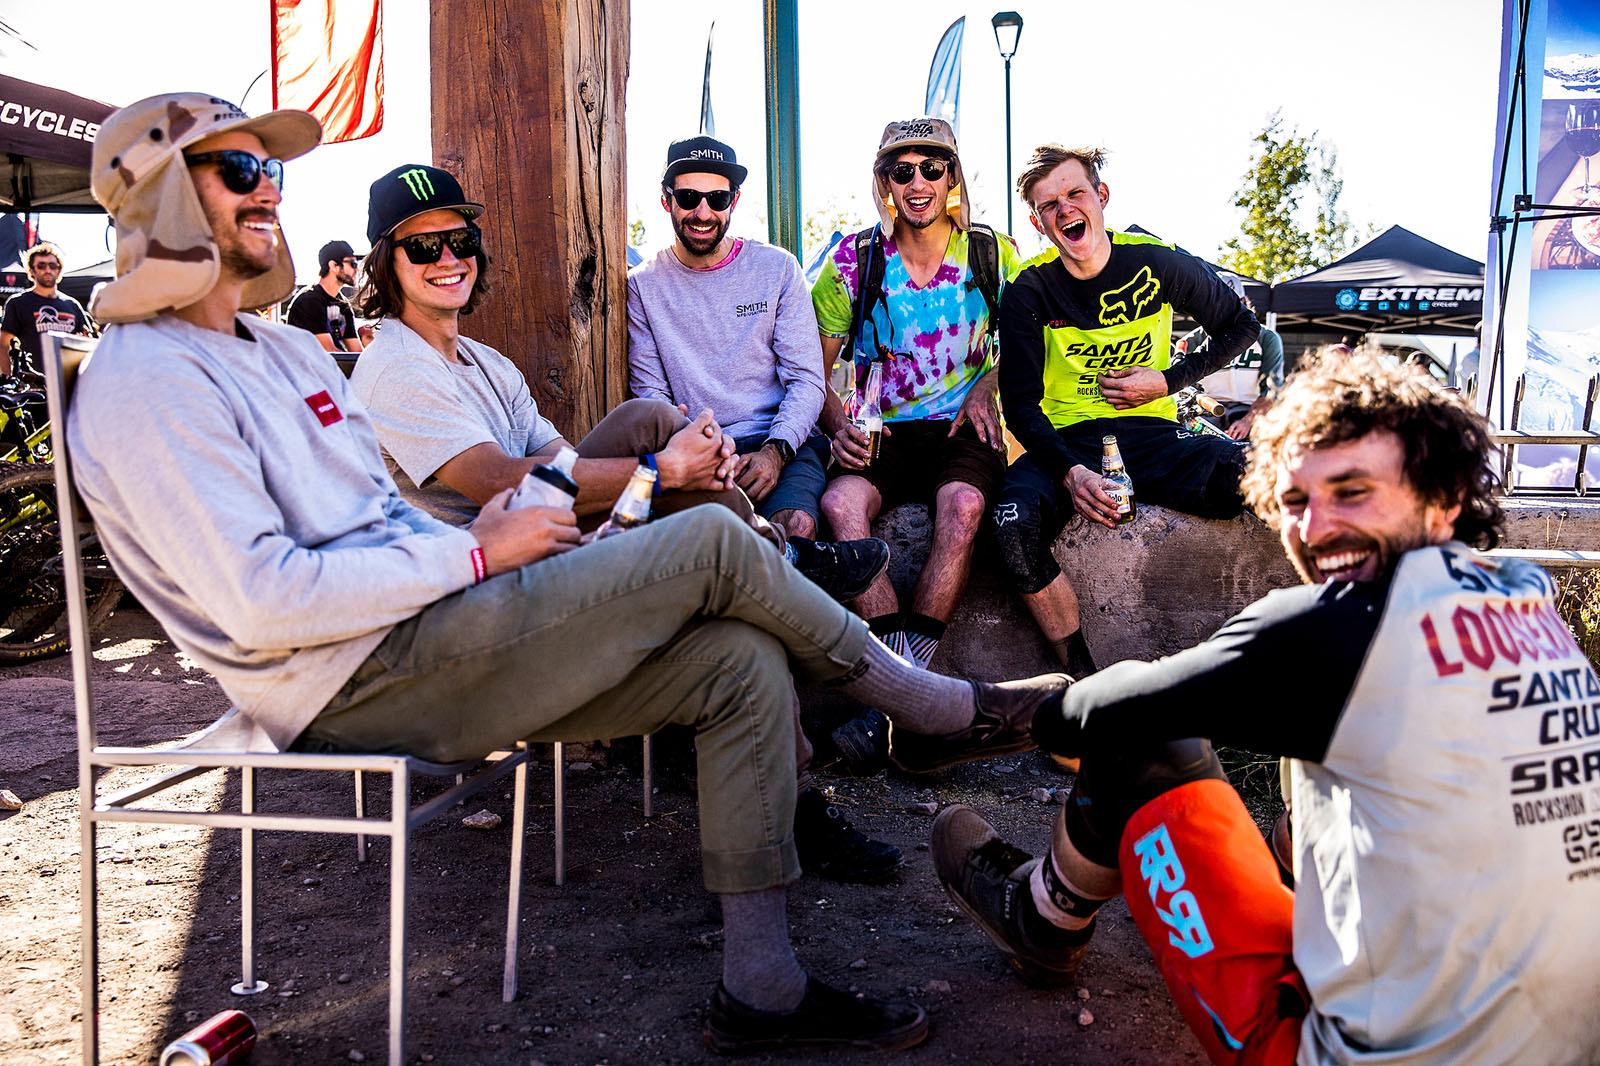 Santa Cruz Bicycles - Santa Cruz X SRAM Team and More